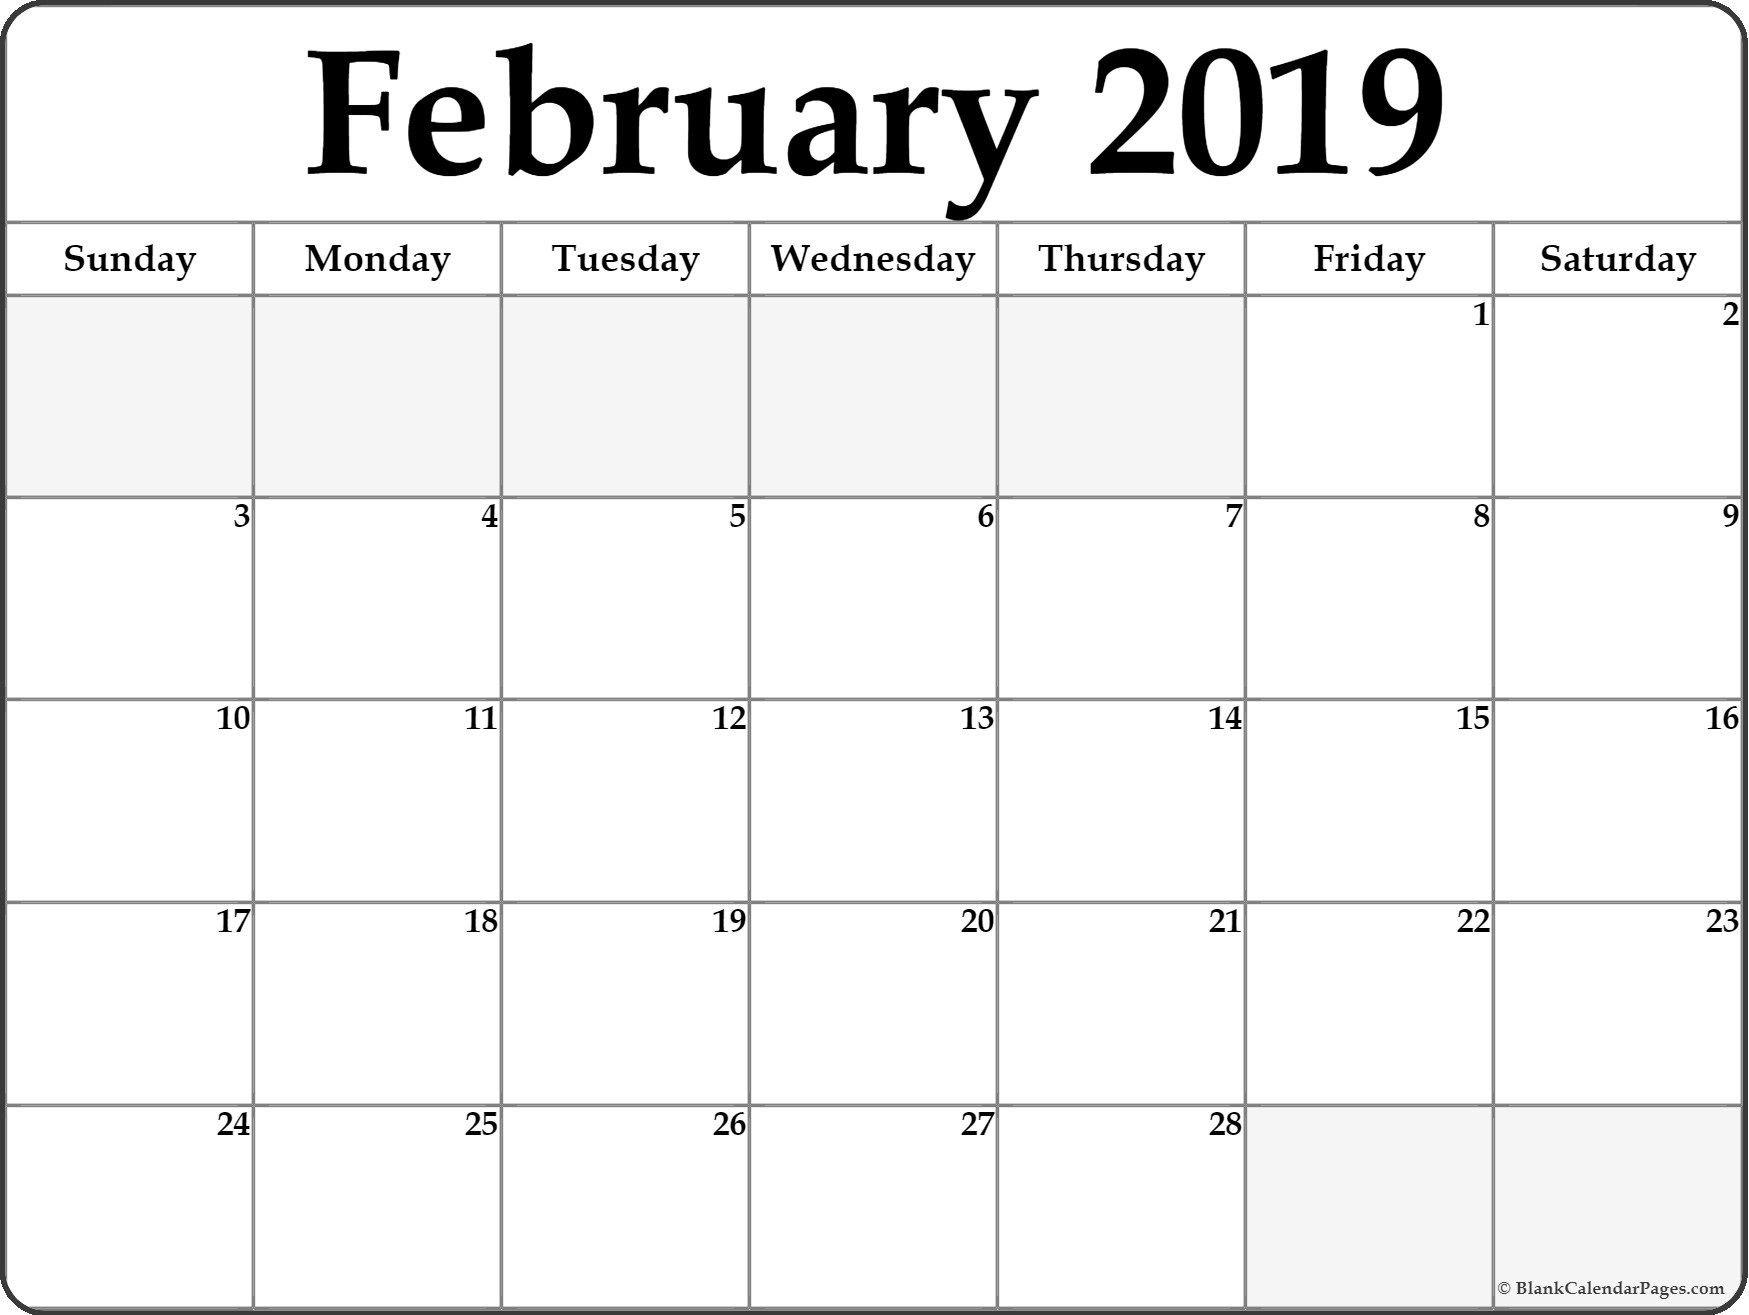 February 2019 Editable Calendar | Free February 2019 Calendar Calendar 2019 Editable